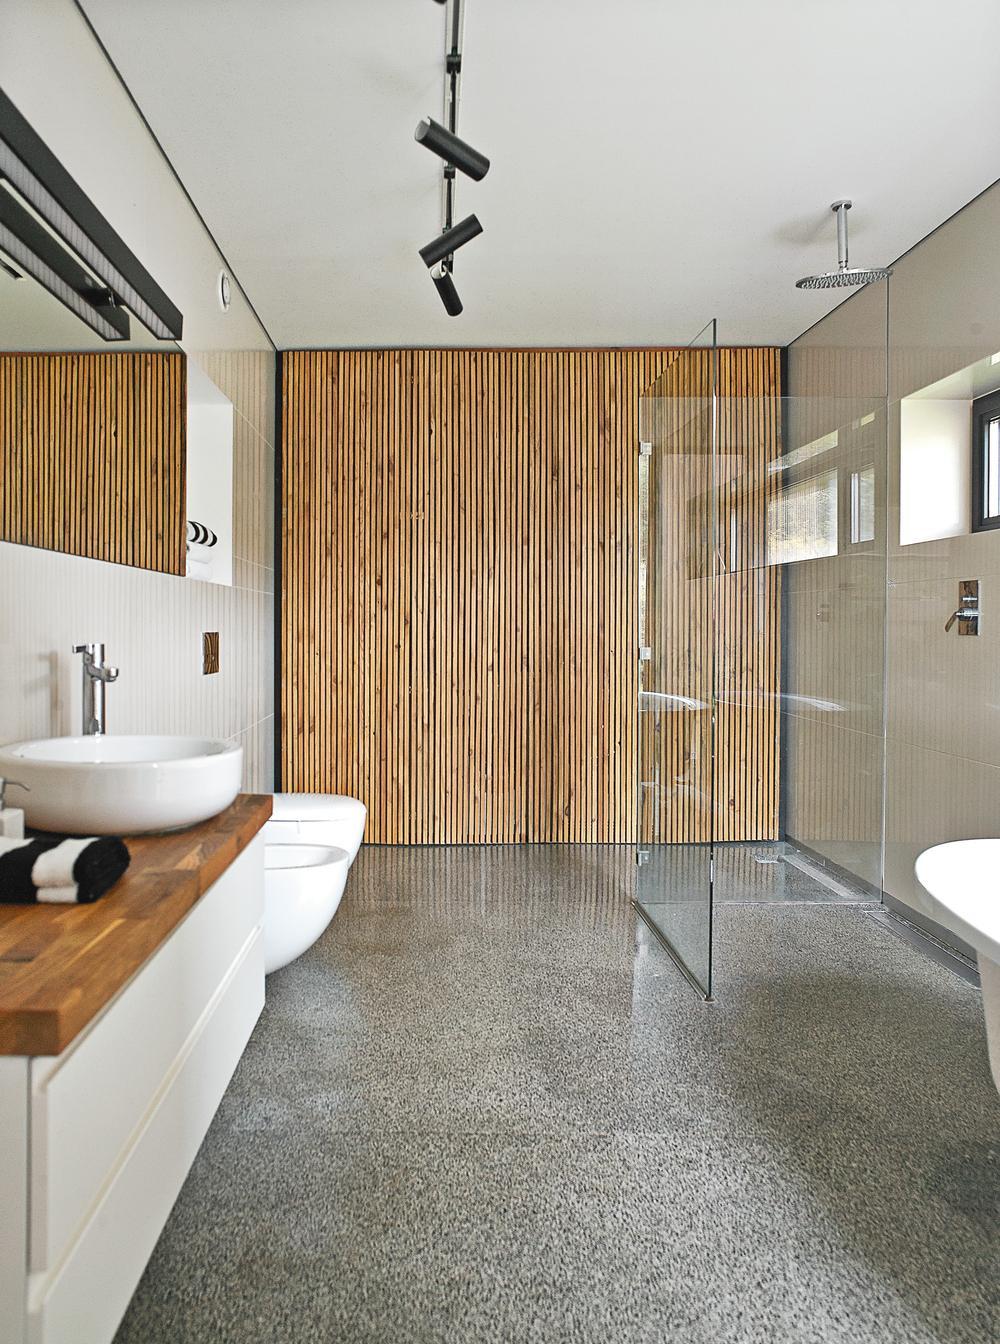 Pokój kąpielowy z prysznicem.jpeg